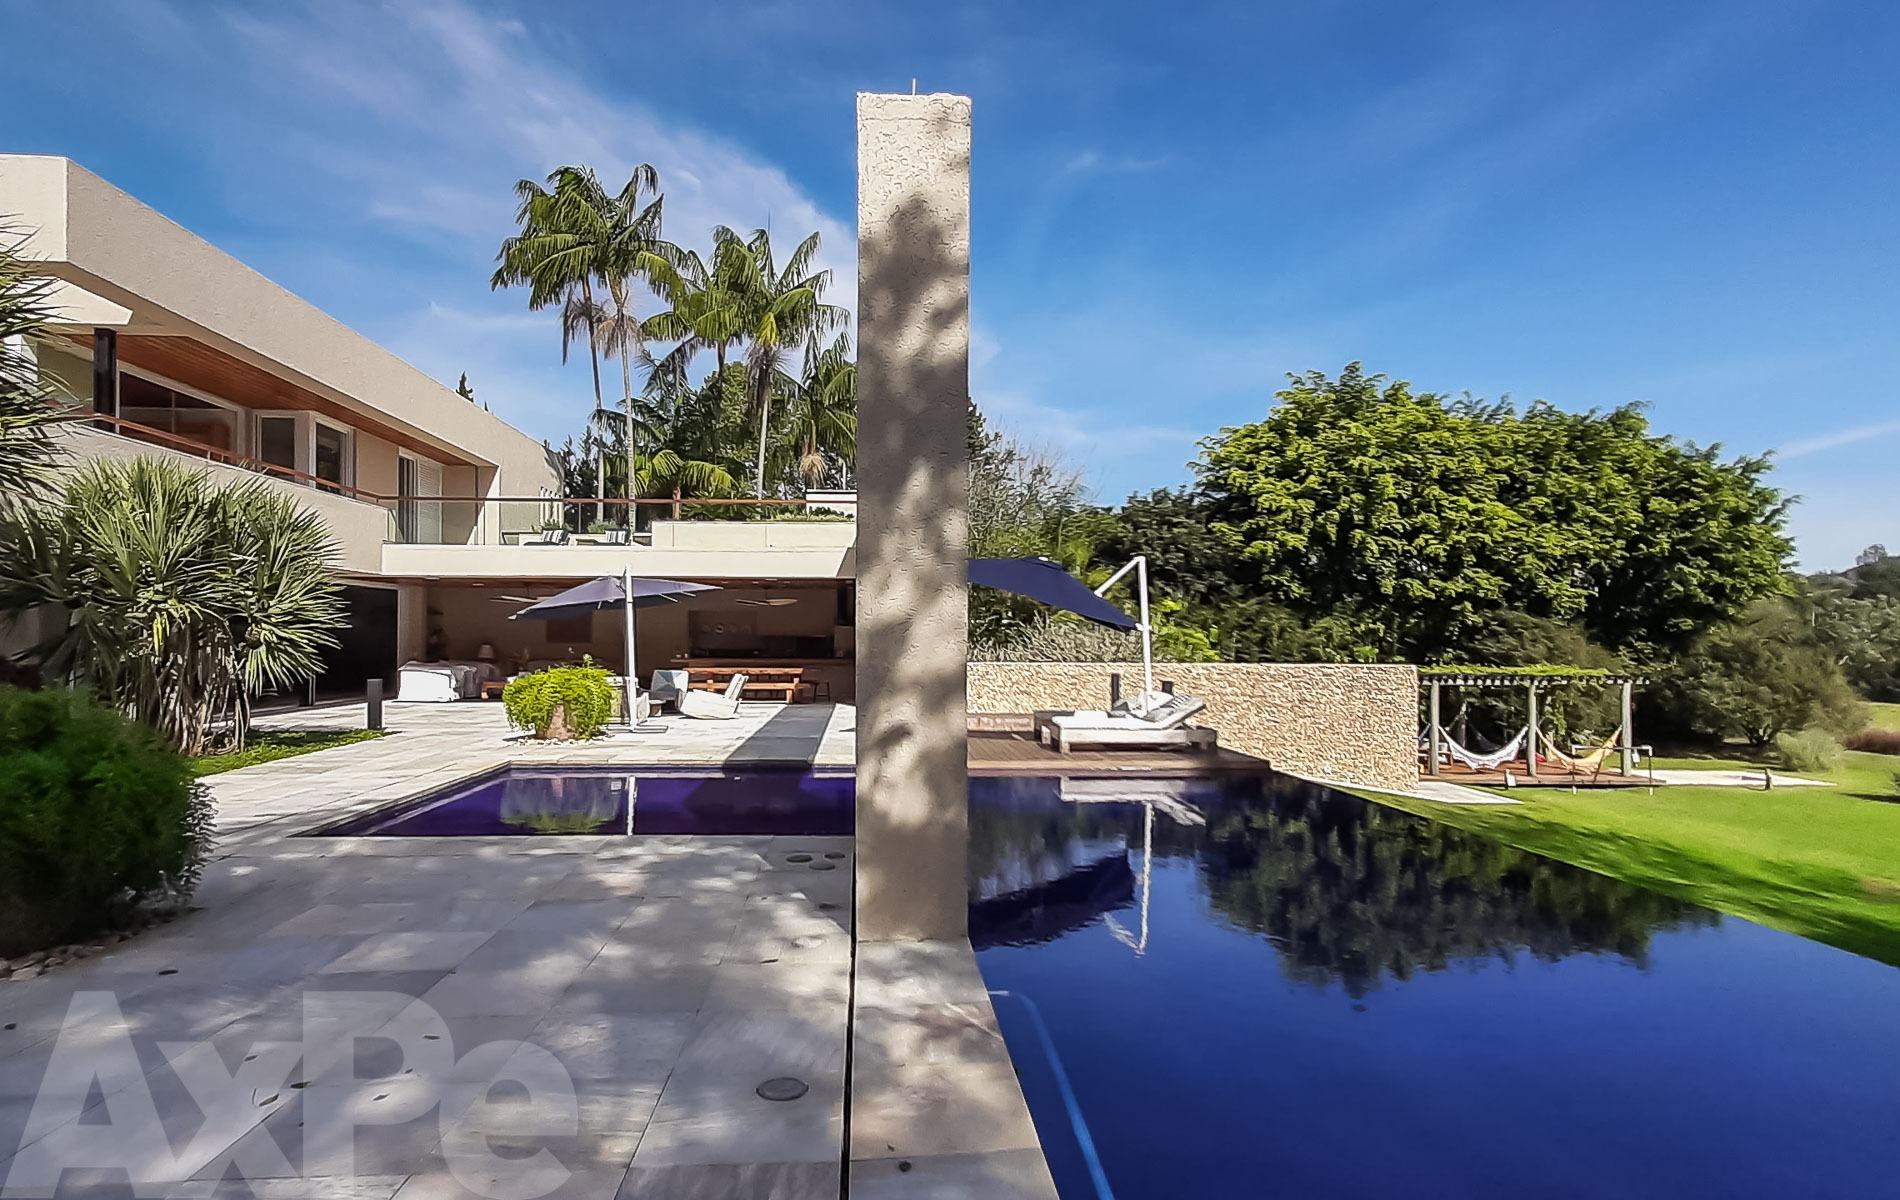 Axpe Casa em condomínio - AX145320